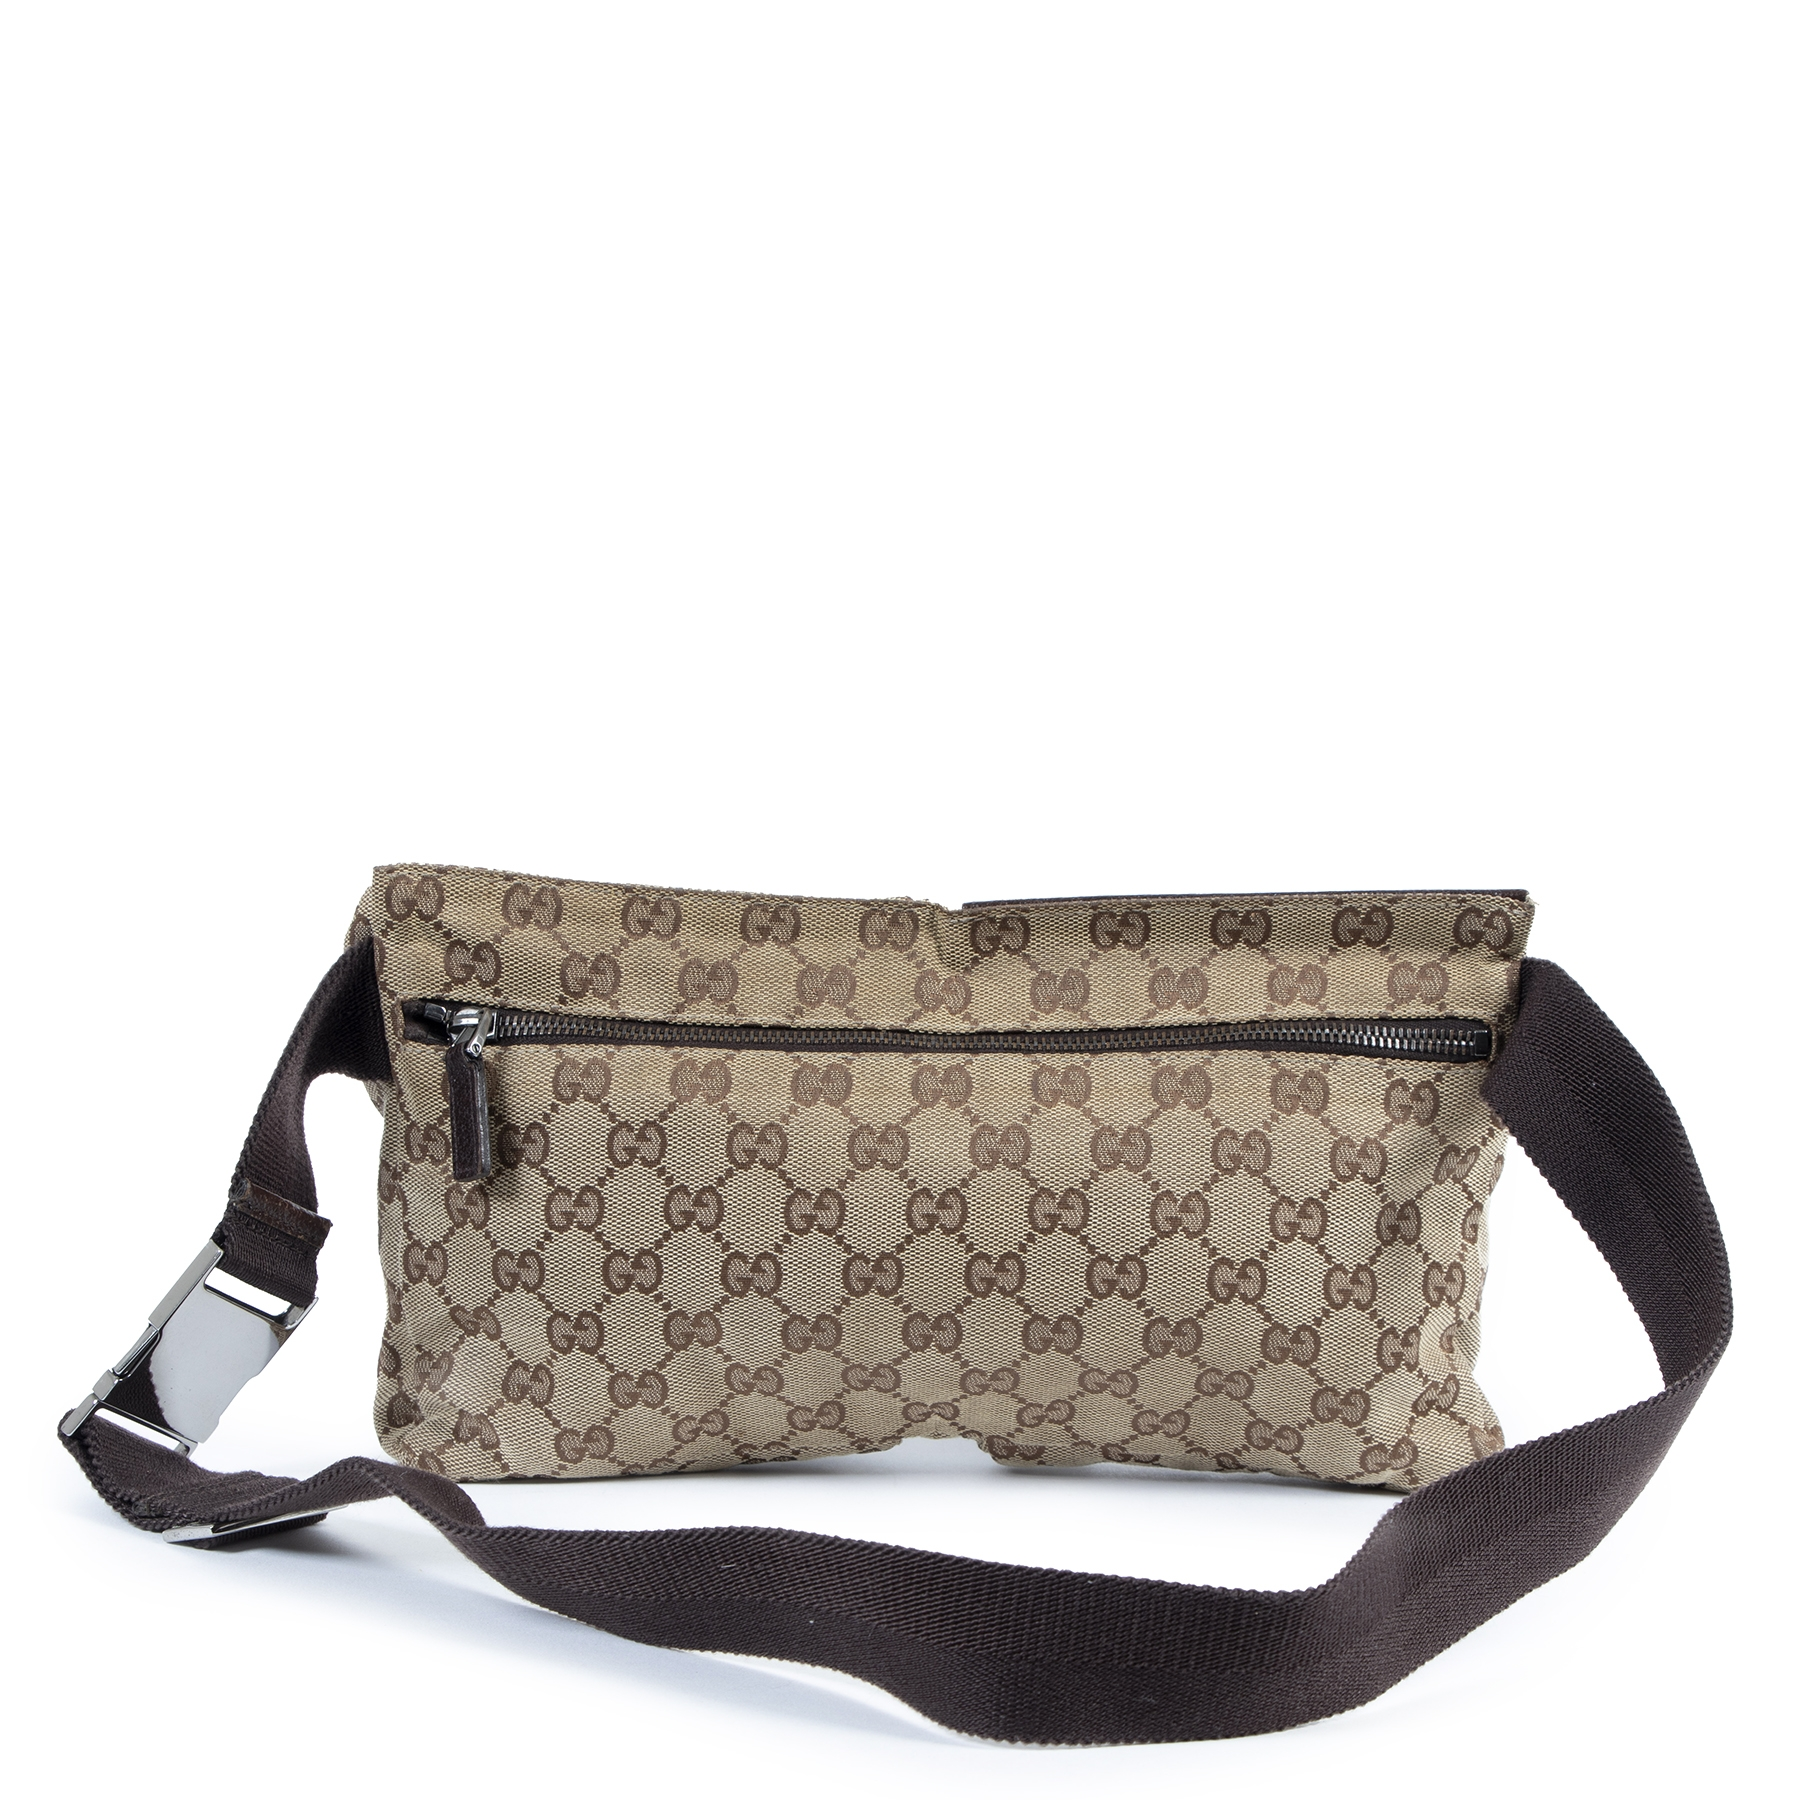 Authentieke Tweedehands Gucci Monogram Beige Belt Bag juiste prijs veilig online shoppen luxe merken webshop winkelen Antwerpen België mode fashion